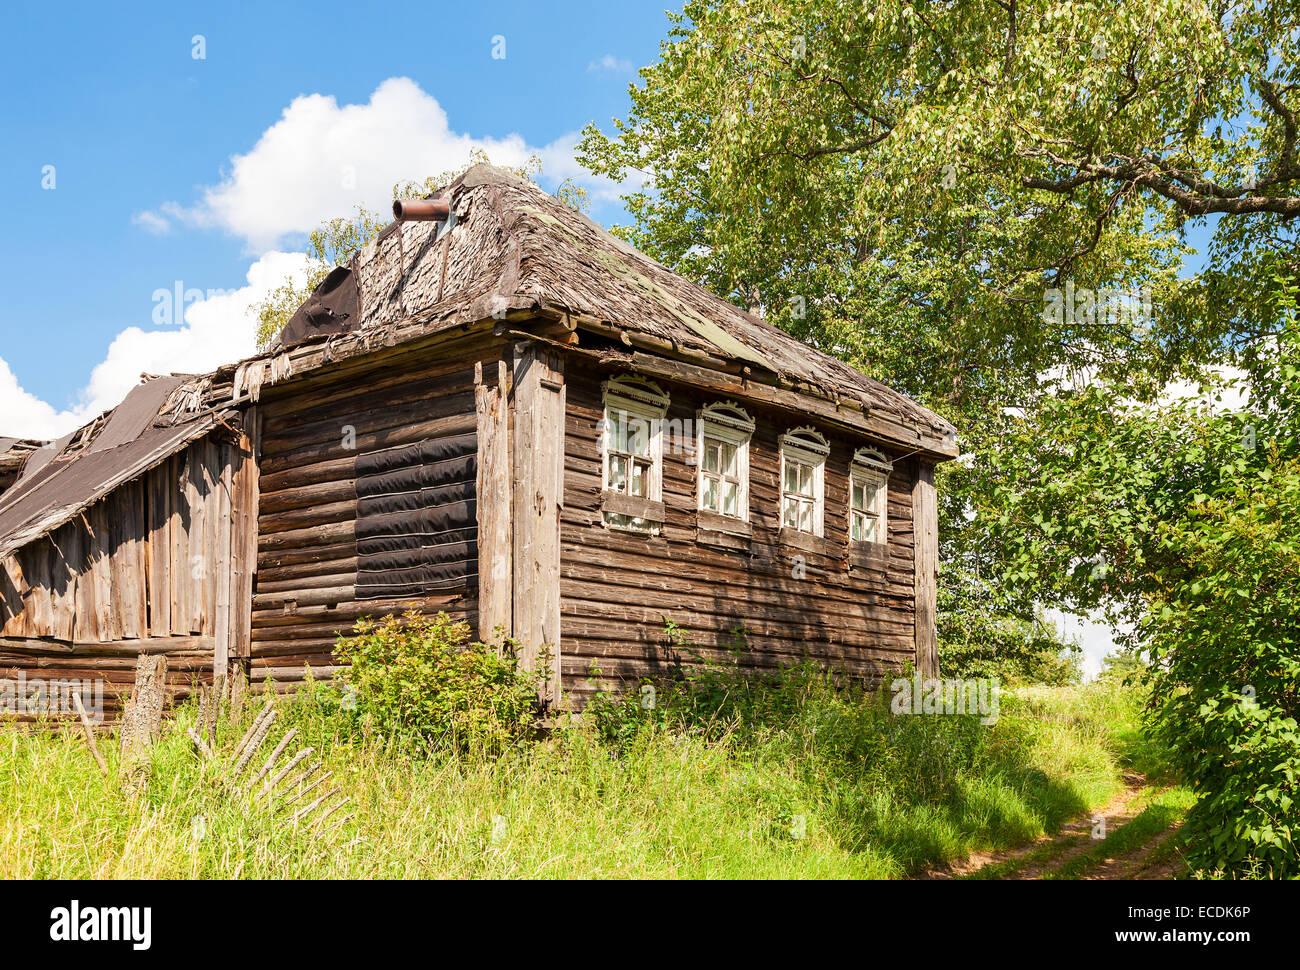 alte h lzerne verlassene haus im russischen dorf nowgorod russland stockfoto bild 76517806. Black Bedroom Furniture Sets. Home Design Ideas